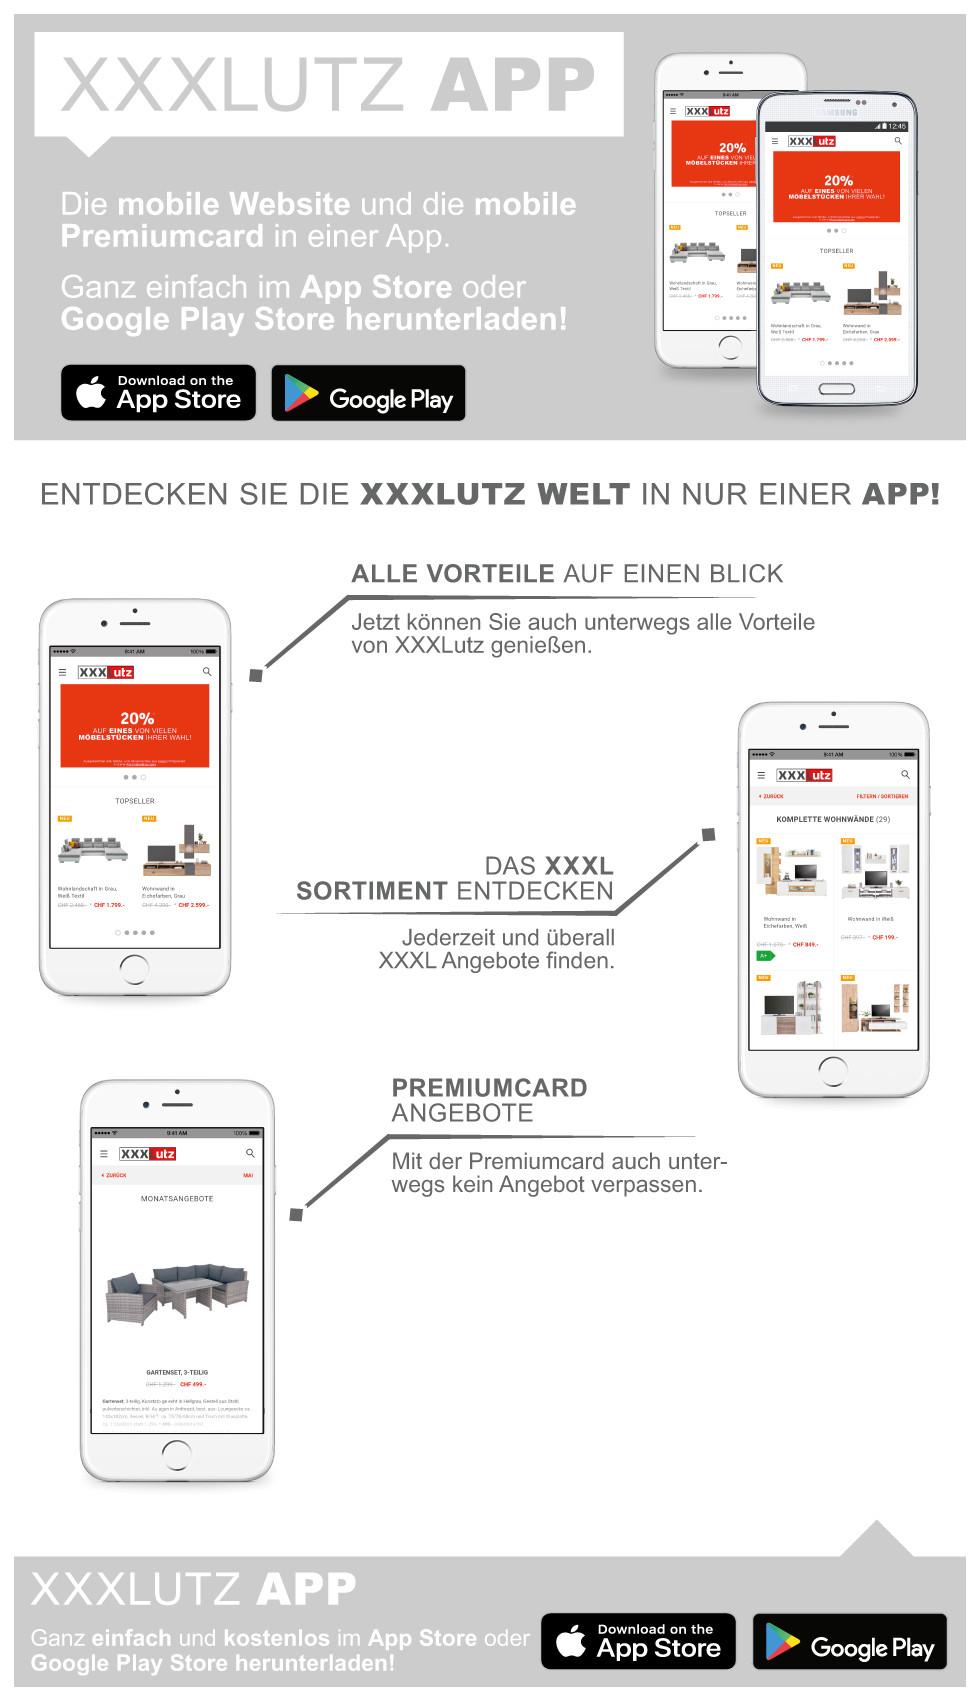 XXXLutz App